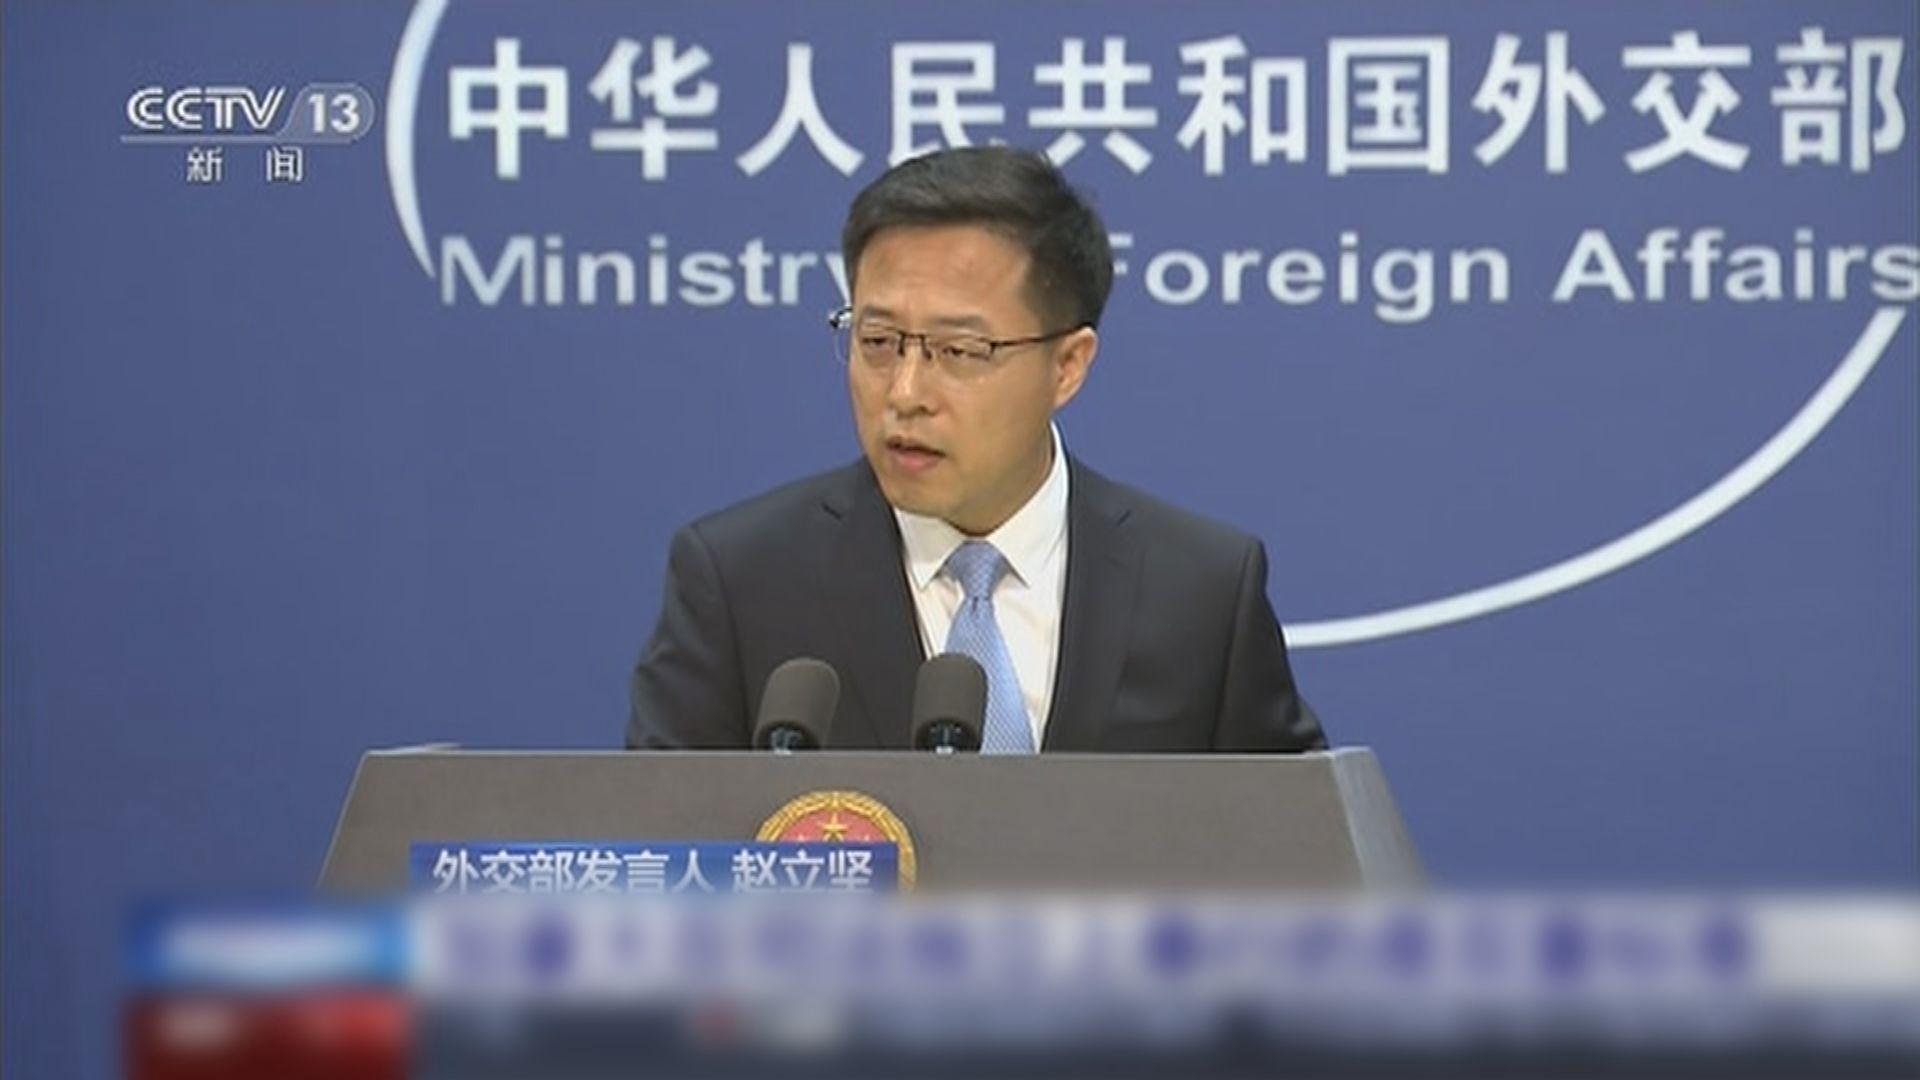 中國對日方將釣魚島所在行政區域改名提出嚴正交涉